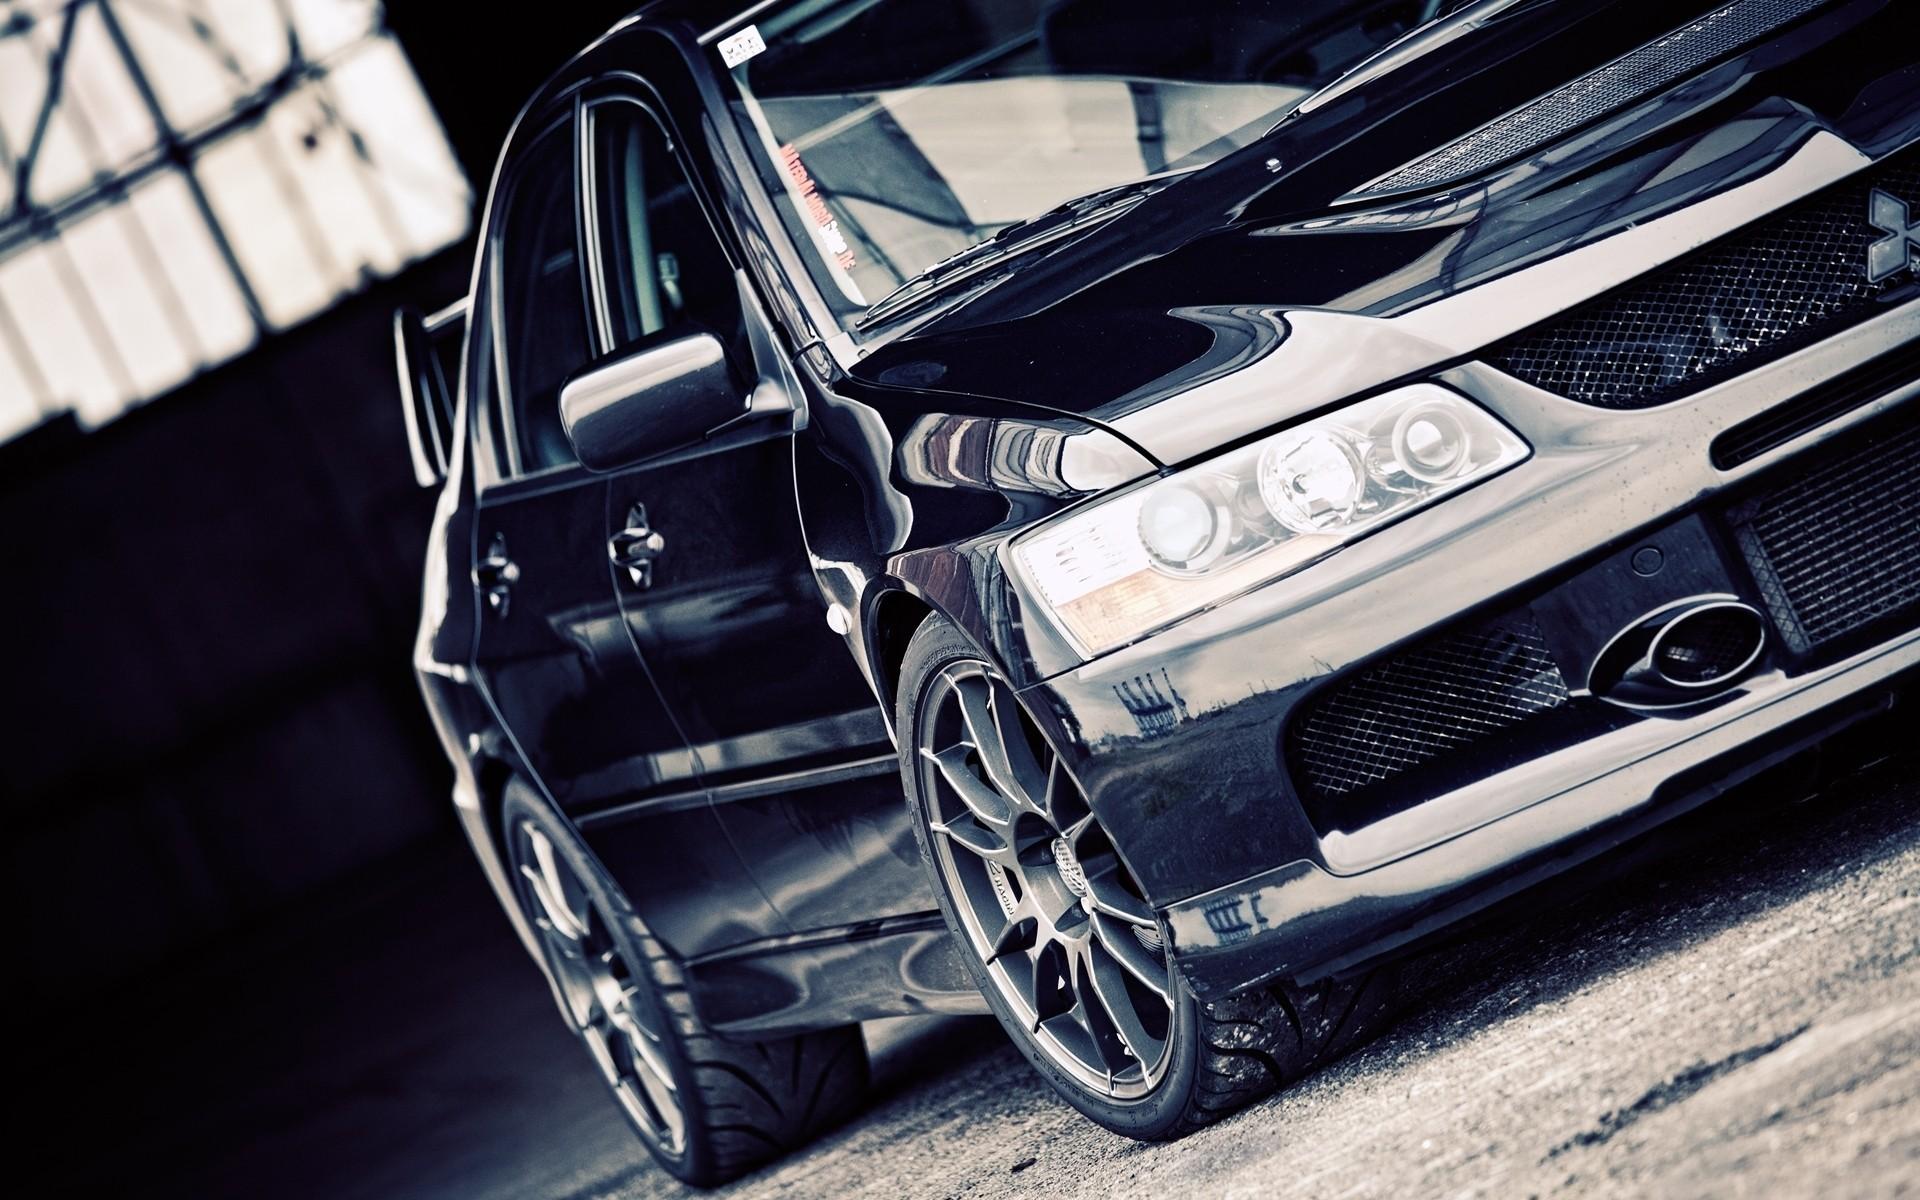 Black dark cars vehicles Mitsubishi Lancer Evolution black cars Mitsubishi  Evo wallpaper | | 196519 | WallpaperUP